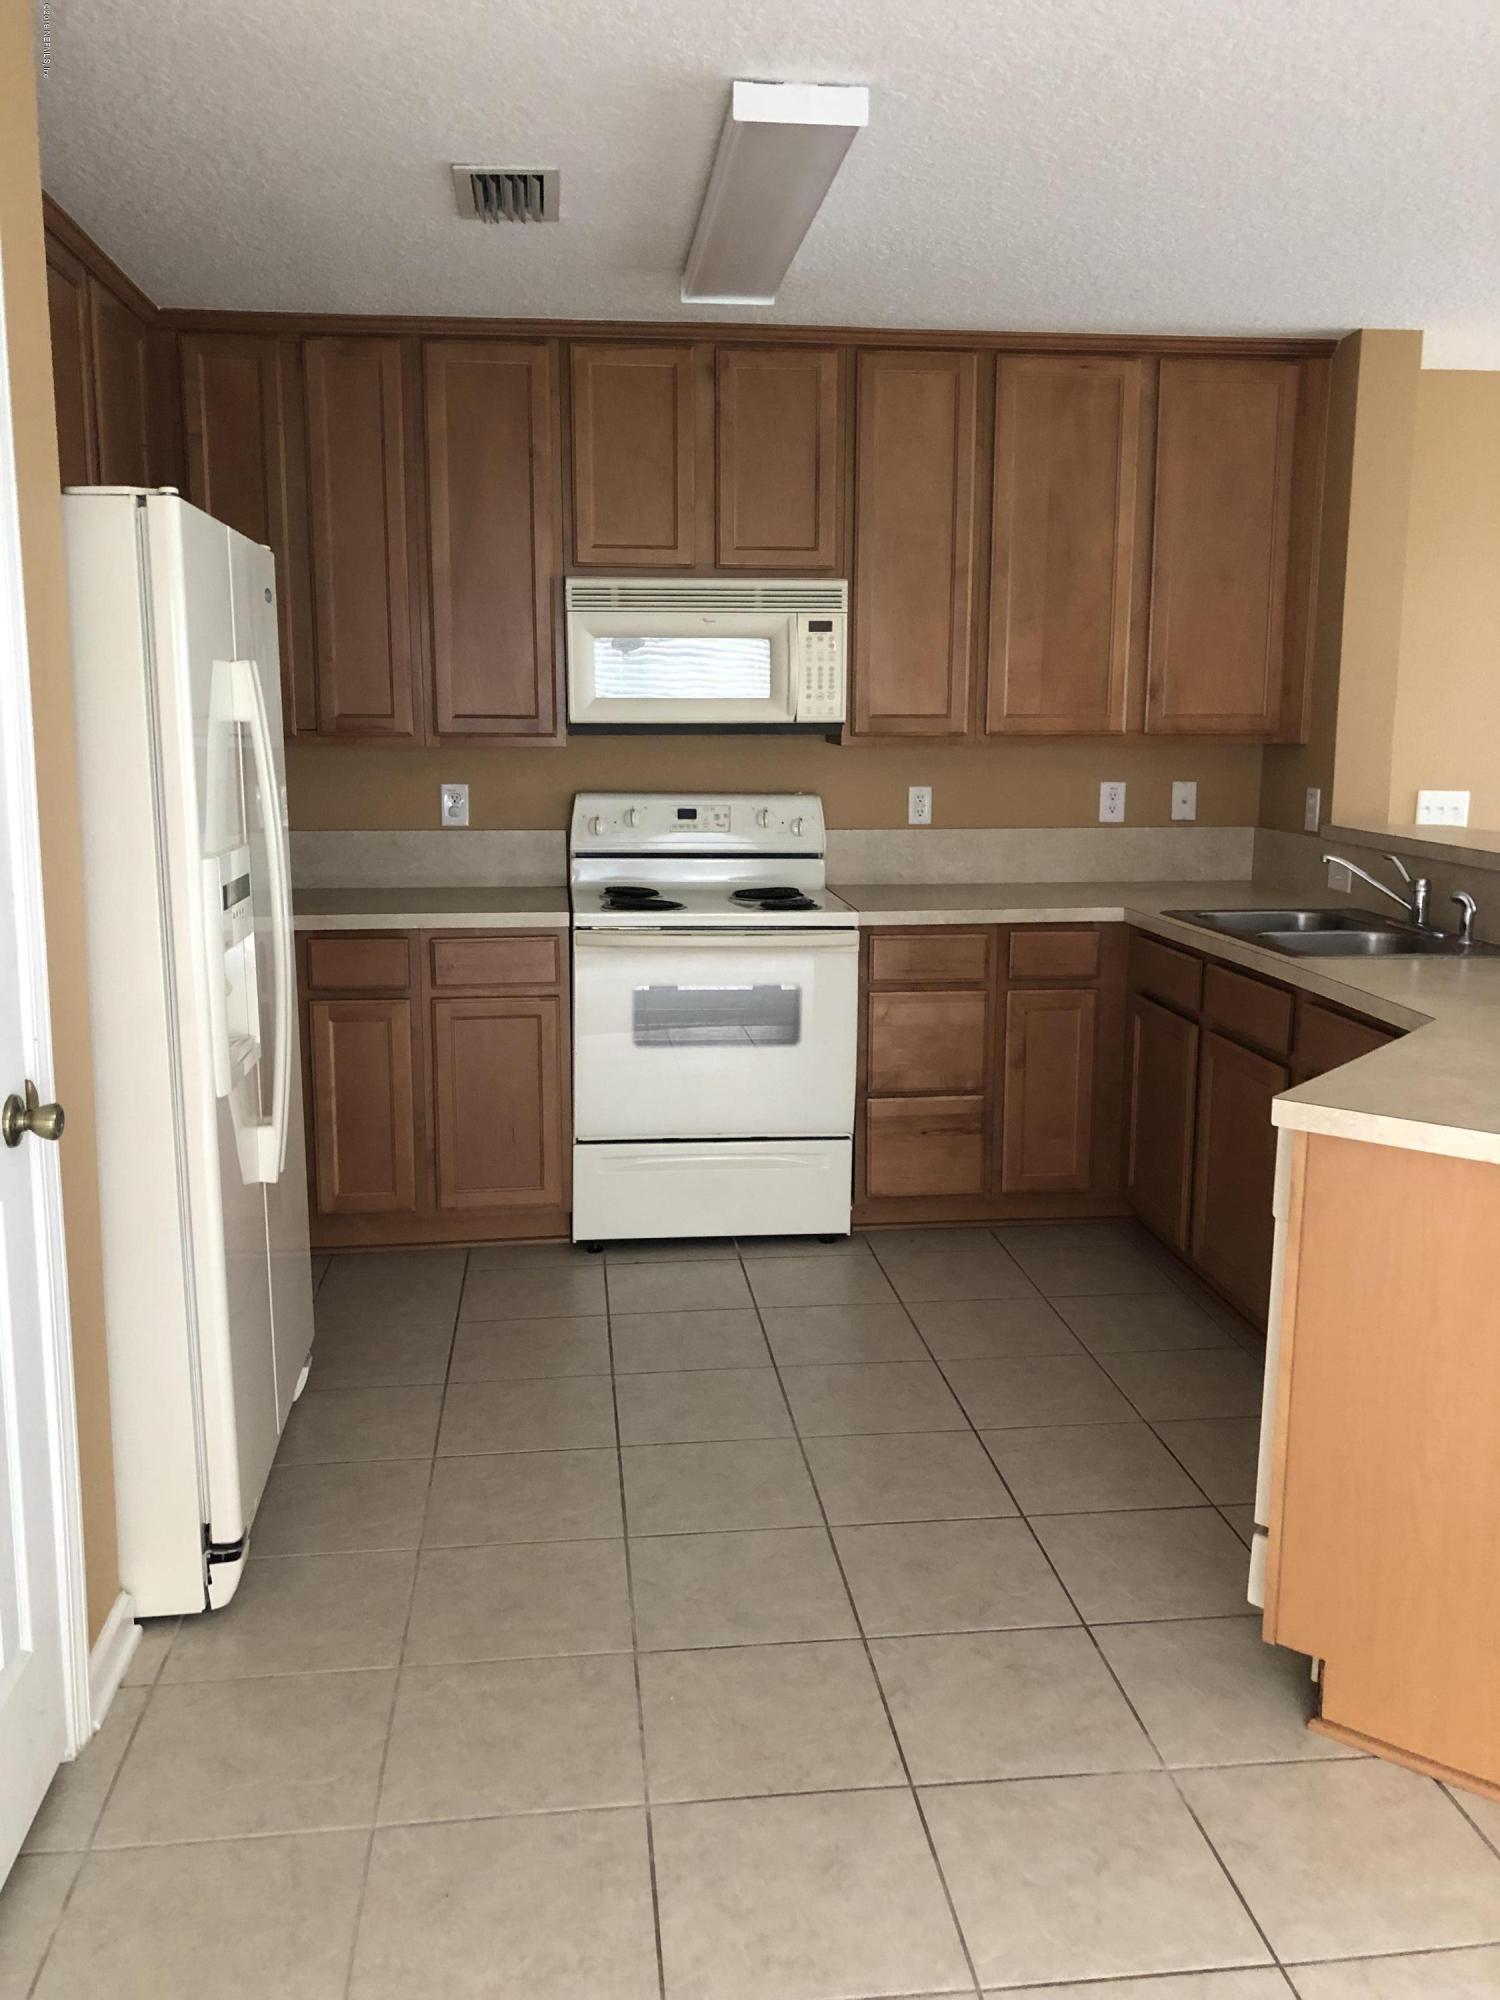 4806 4806, FLEMING ISLAND, FLORIDA 32003, 3 Bedrooms Bedrooms, ,2 BathroomsBathrooms,Rental,For Rent,4806,1015222